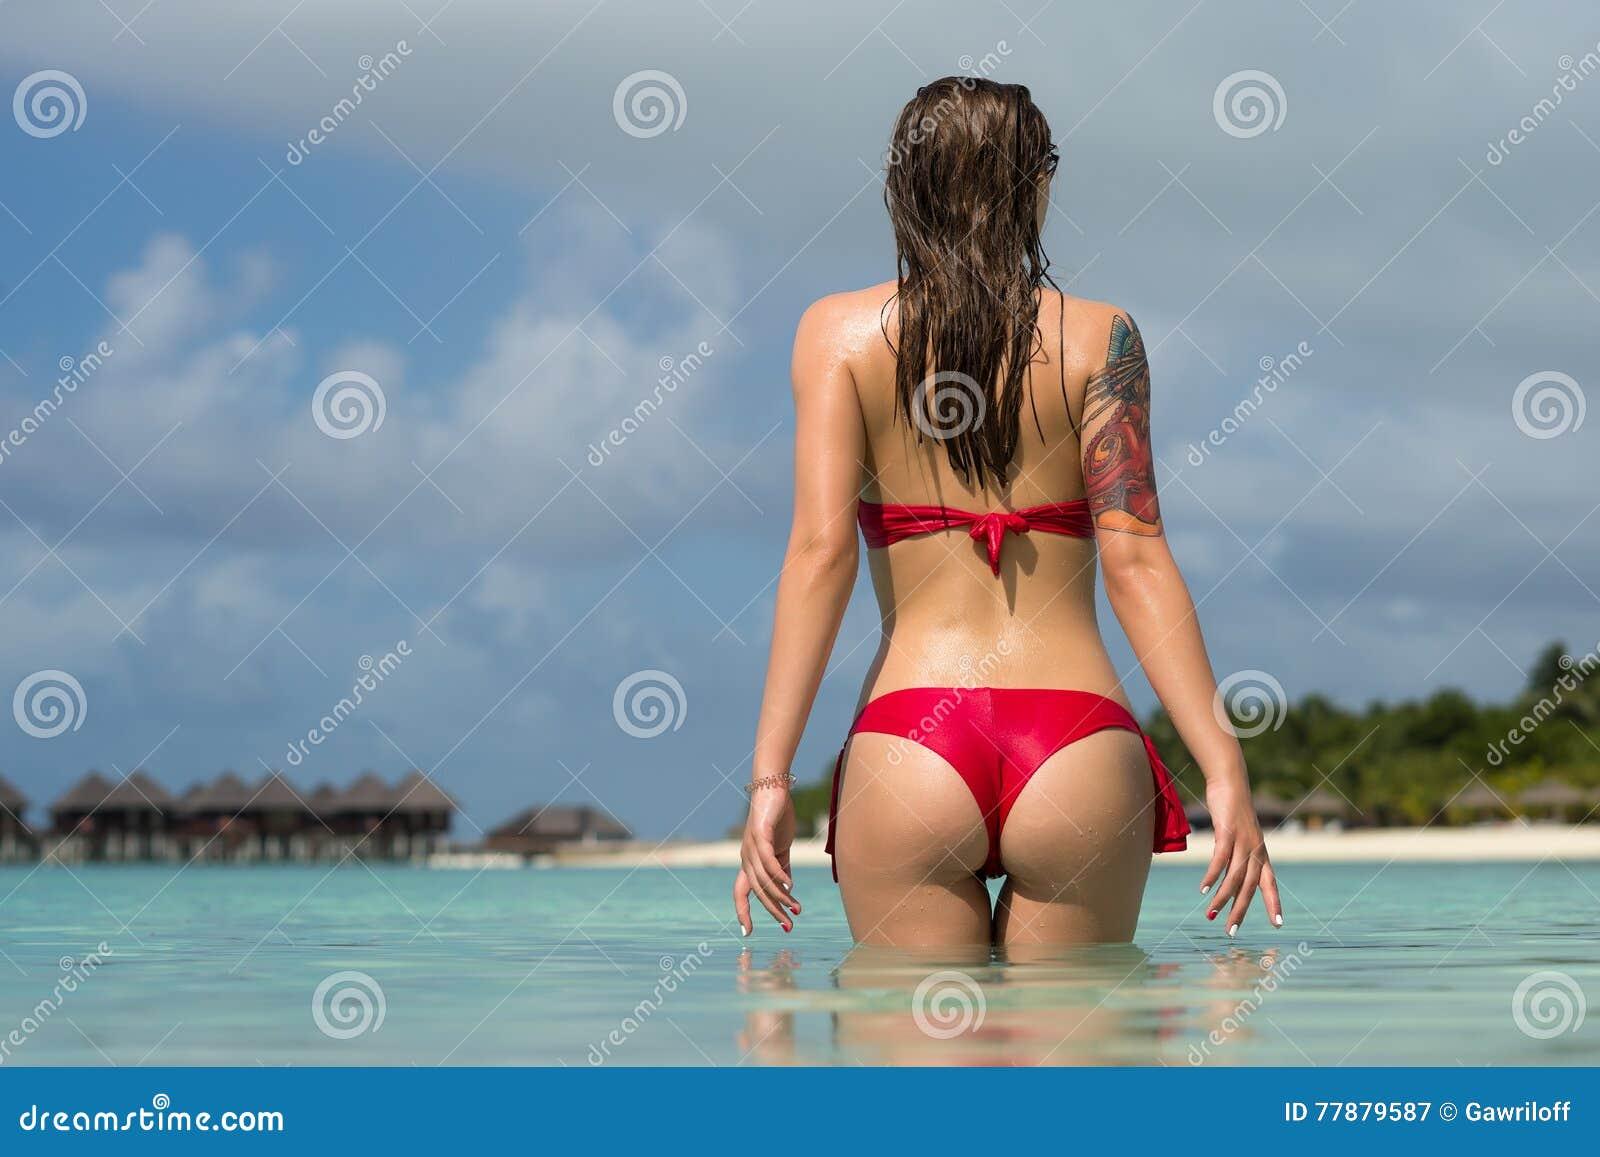 Beautiful woman in bikini over beach background